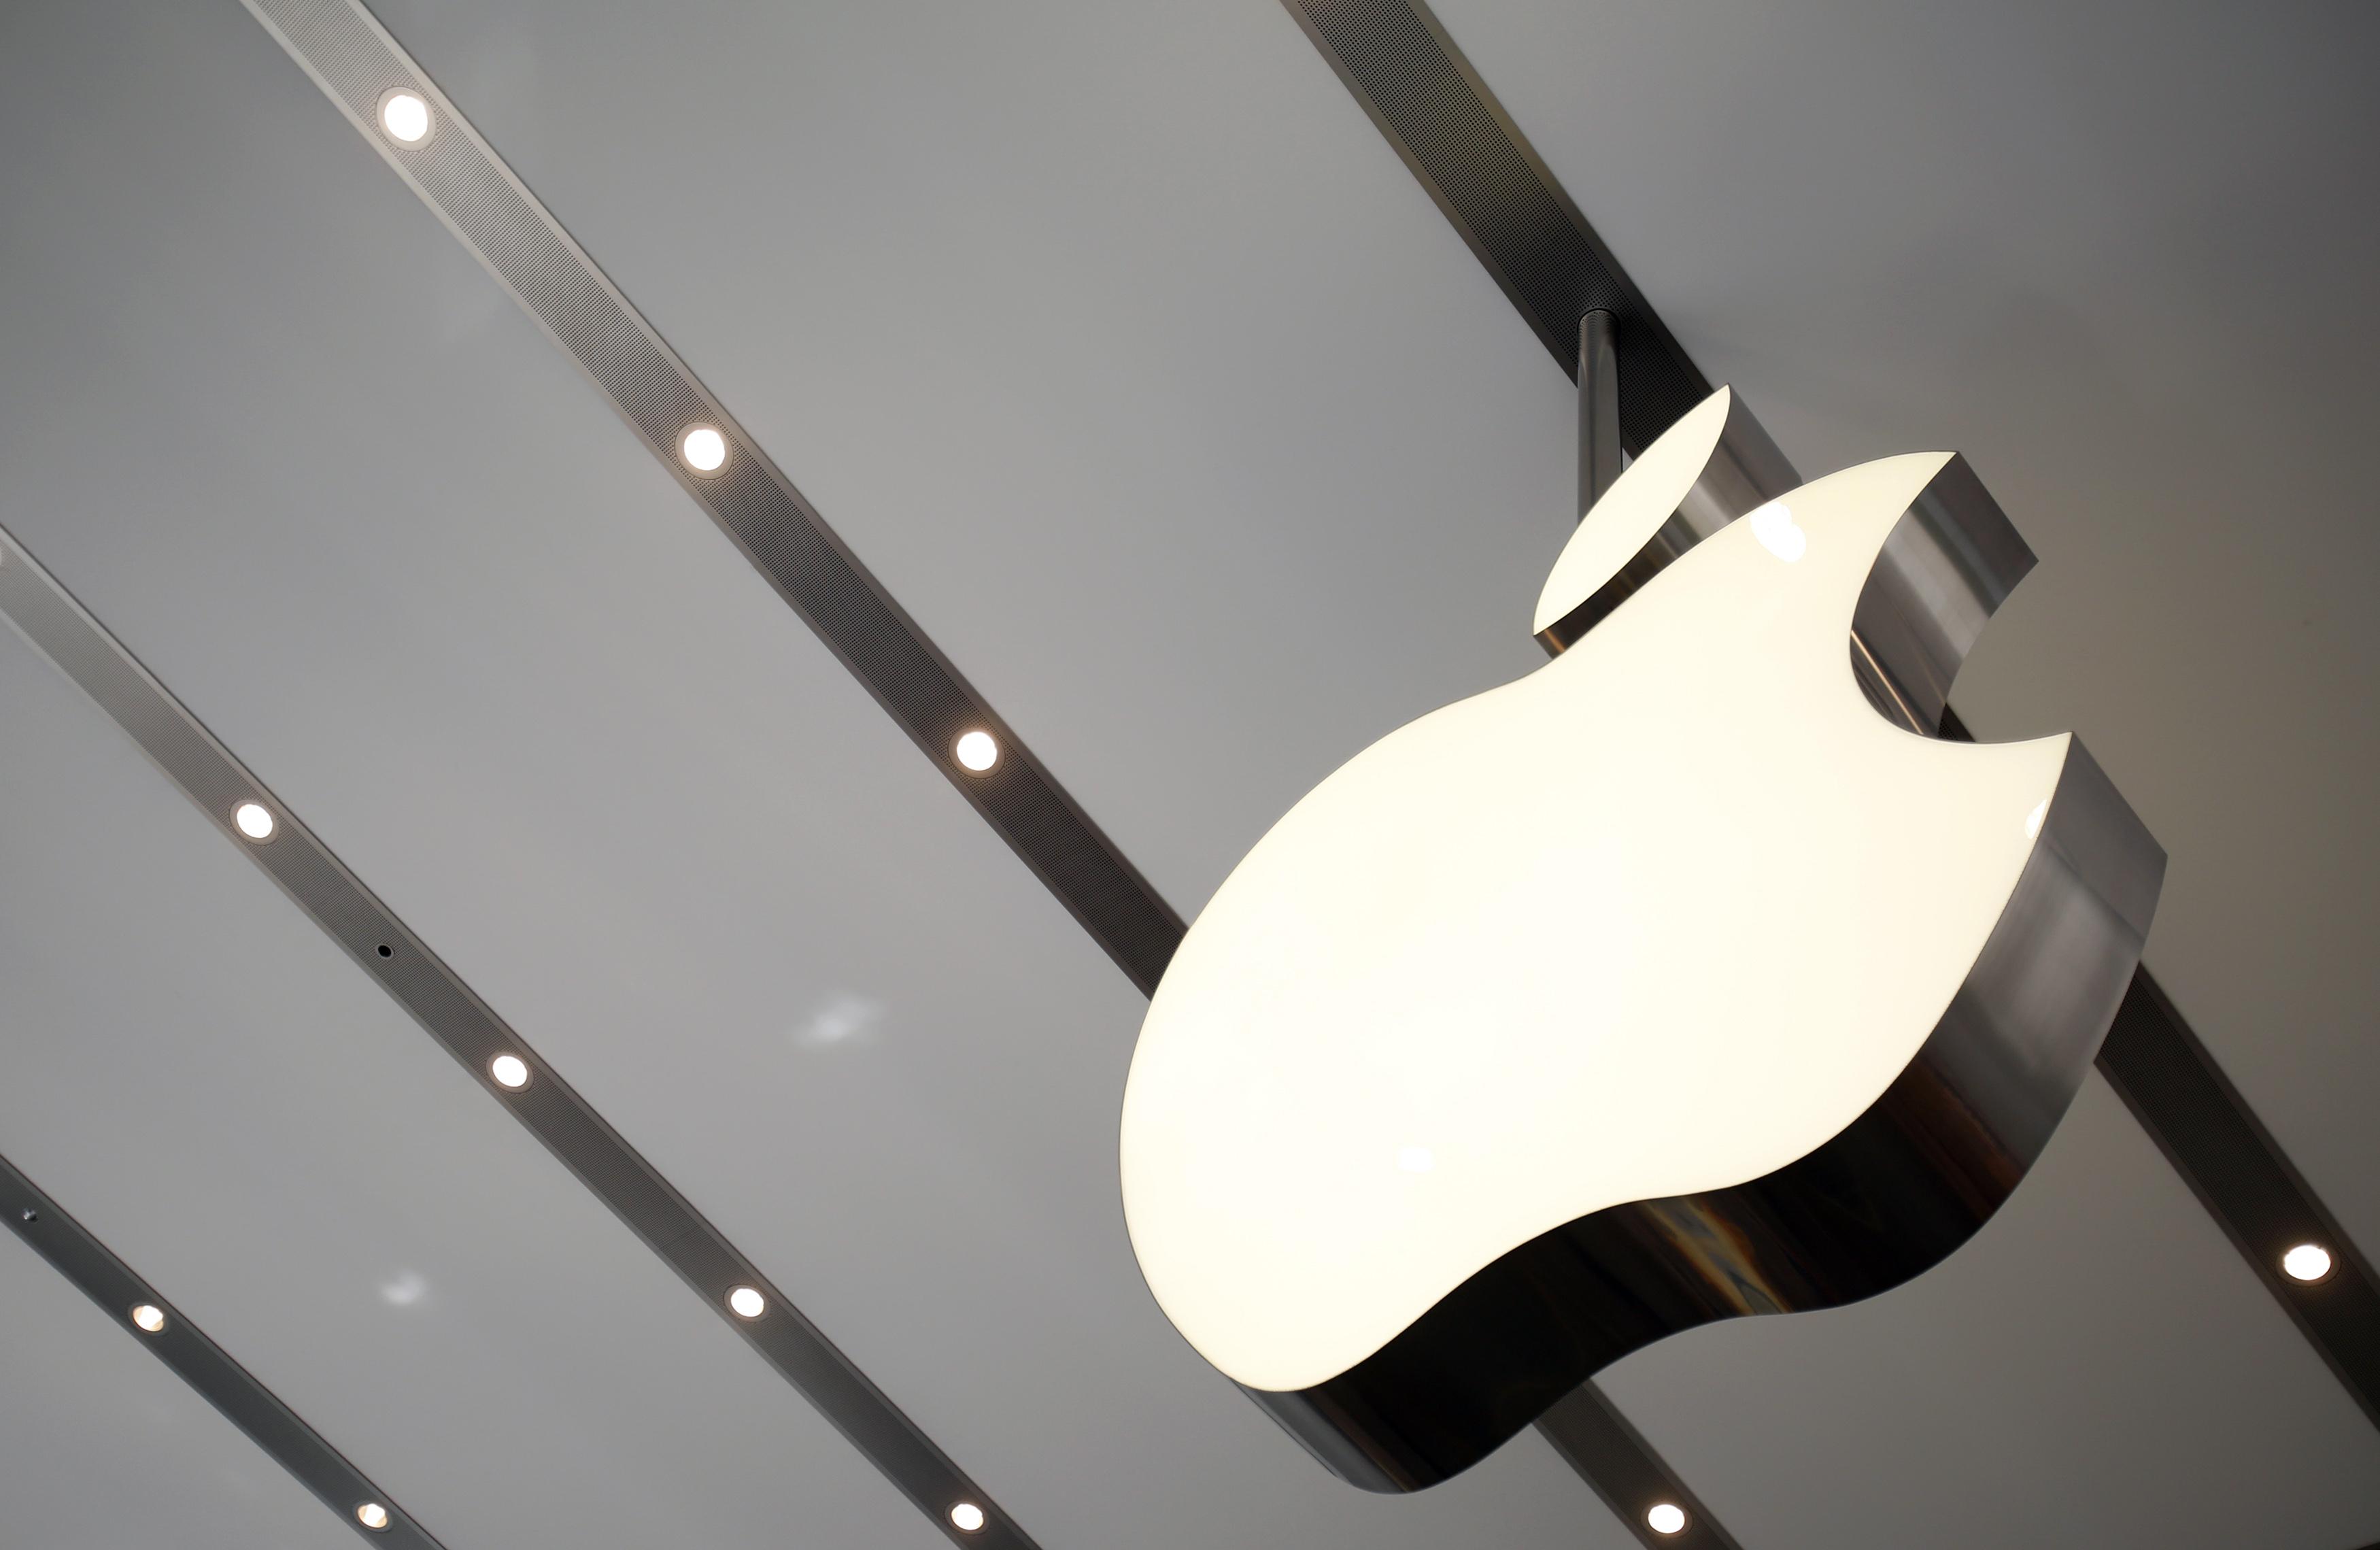 英國脫歐讓 iPhone 需求減弱,蘋果恐遭池魚之殃